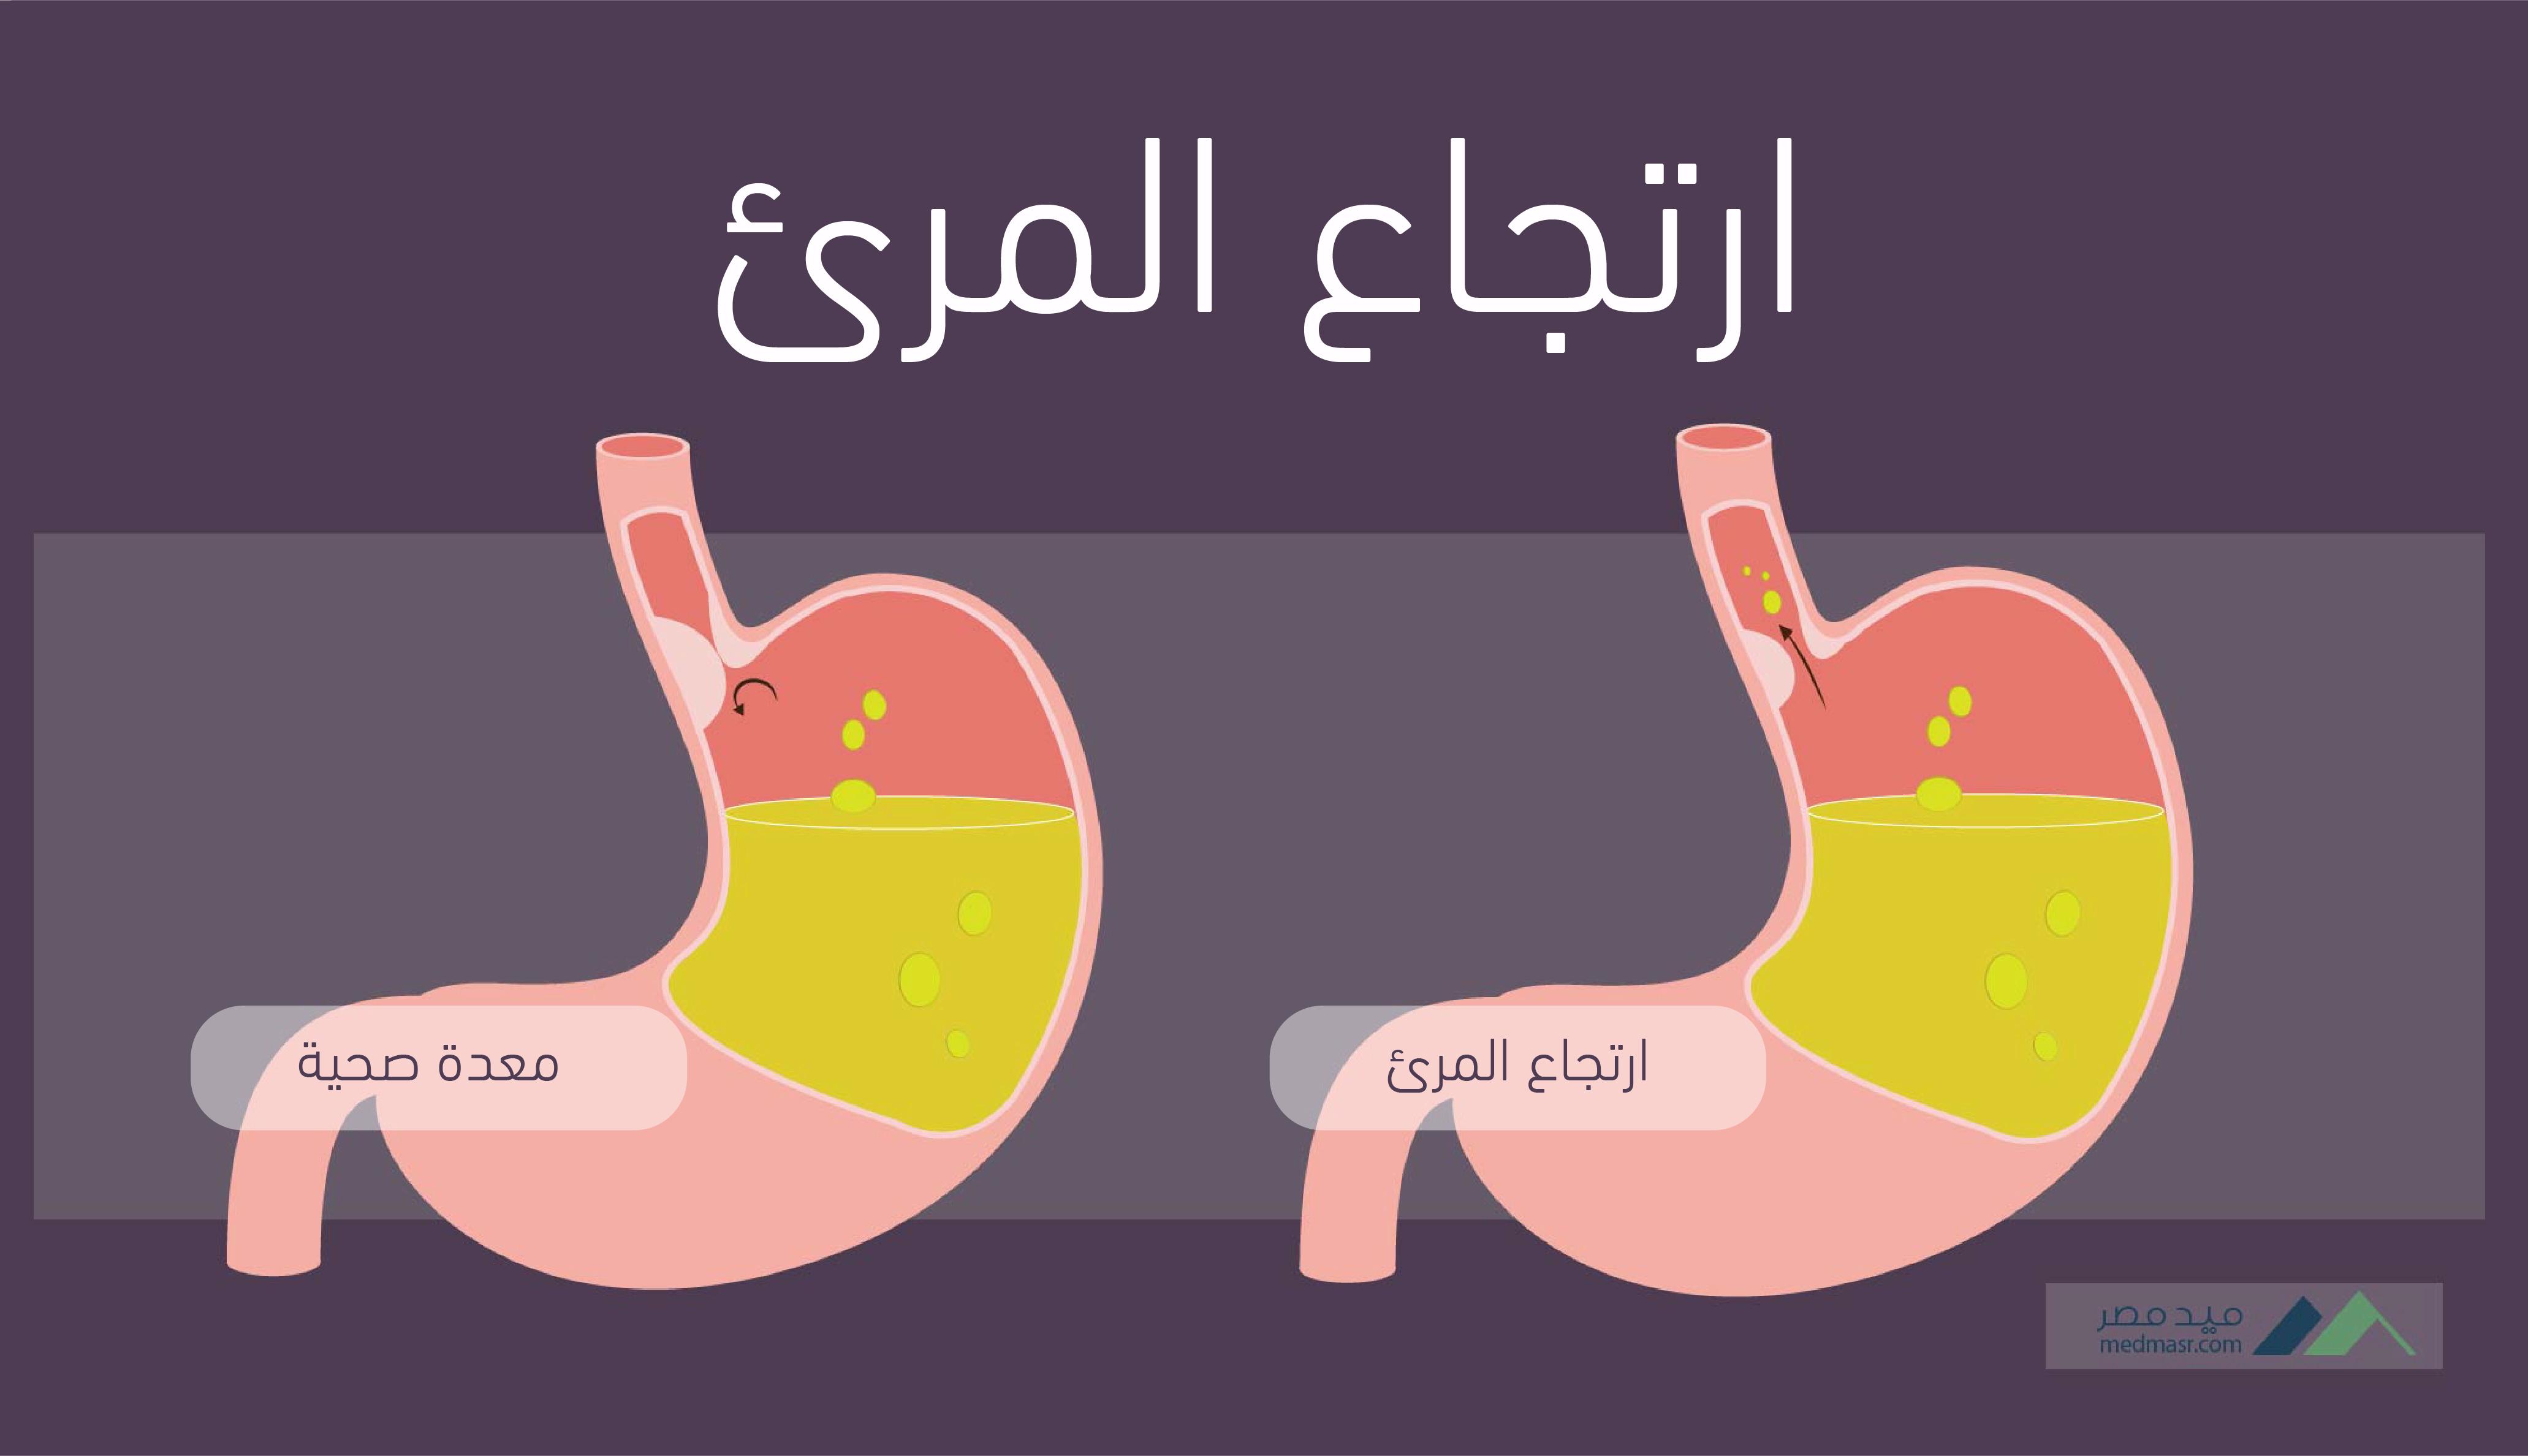 ارتجاع المرئ الحموضه التهاب فم المعدة أسبابها وعلاجها علاقة ارتجاع المرئ بسرطان المرئ